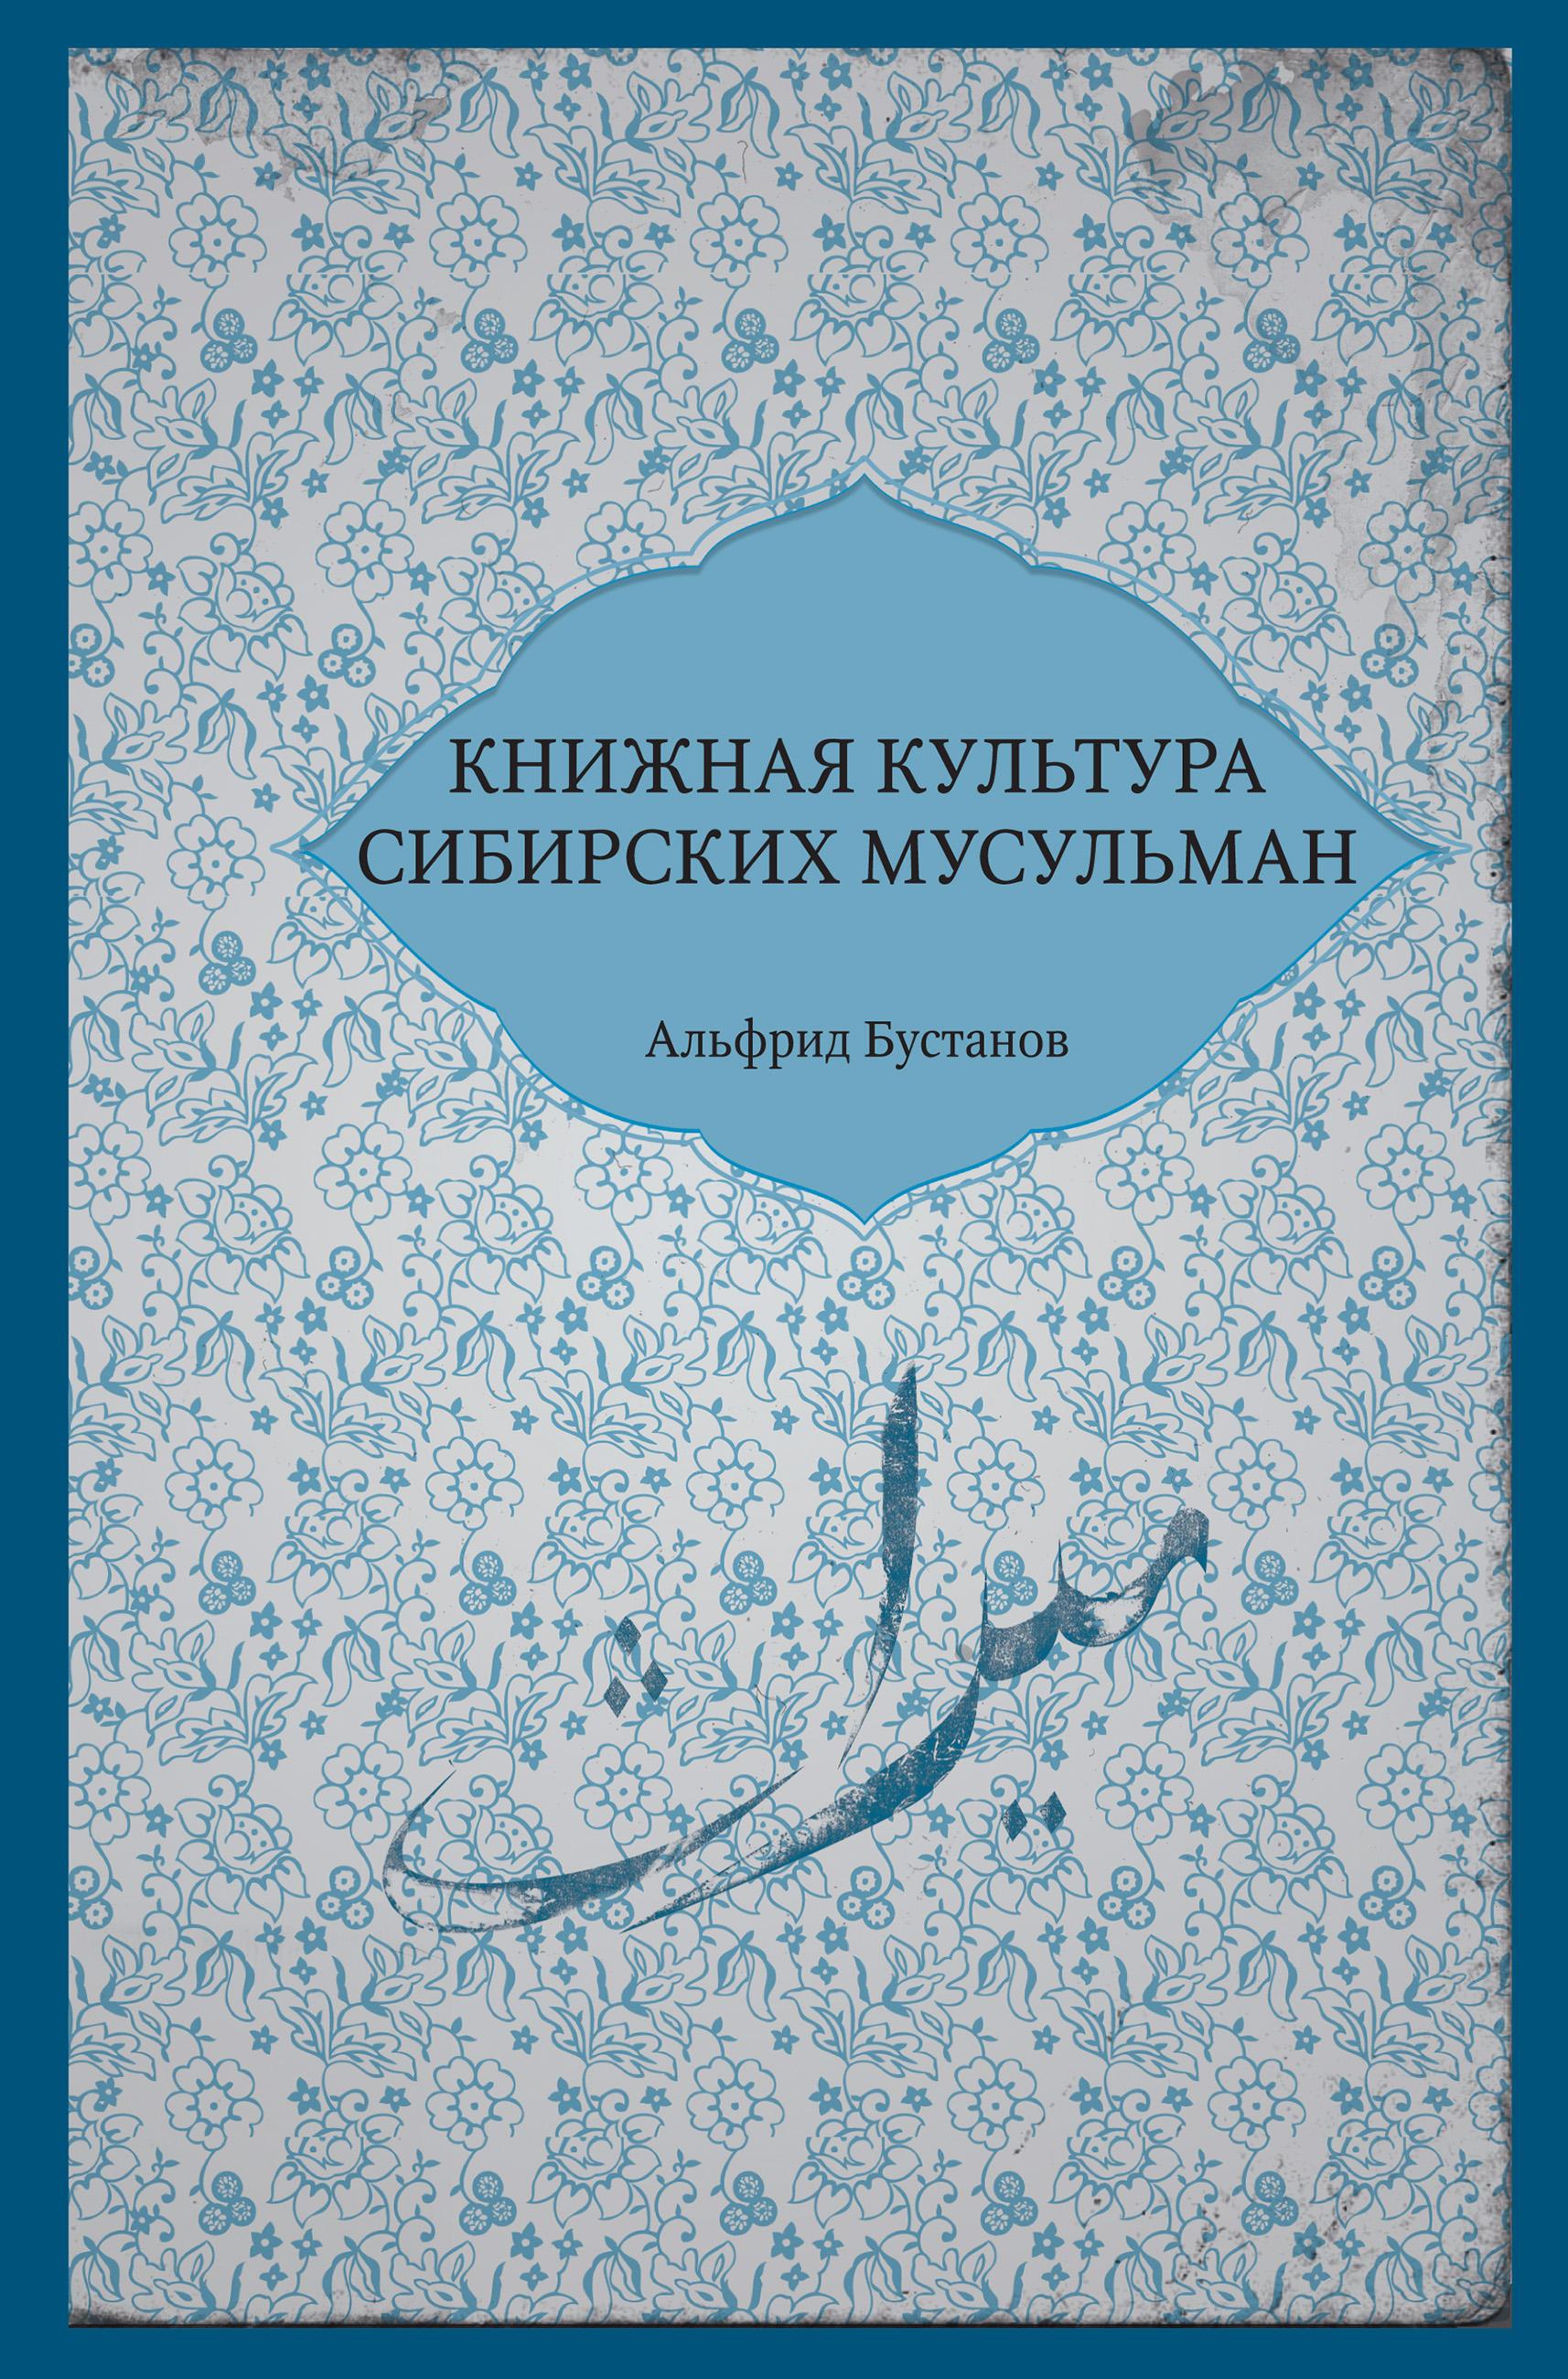 Альфрид Бустанов Книжная культура сибирских мусульман